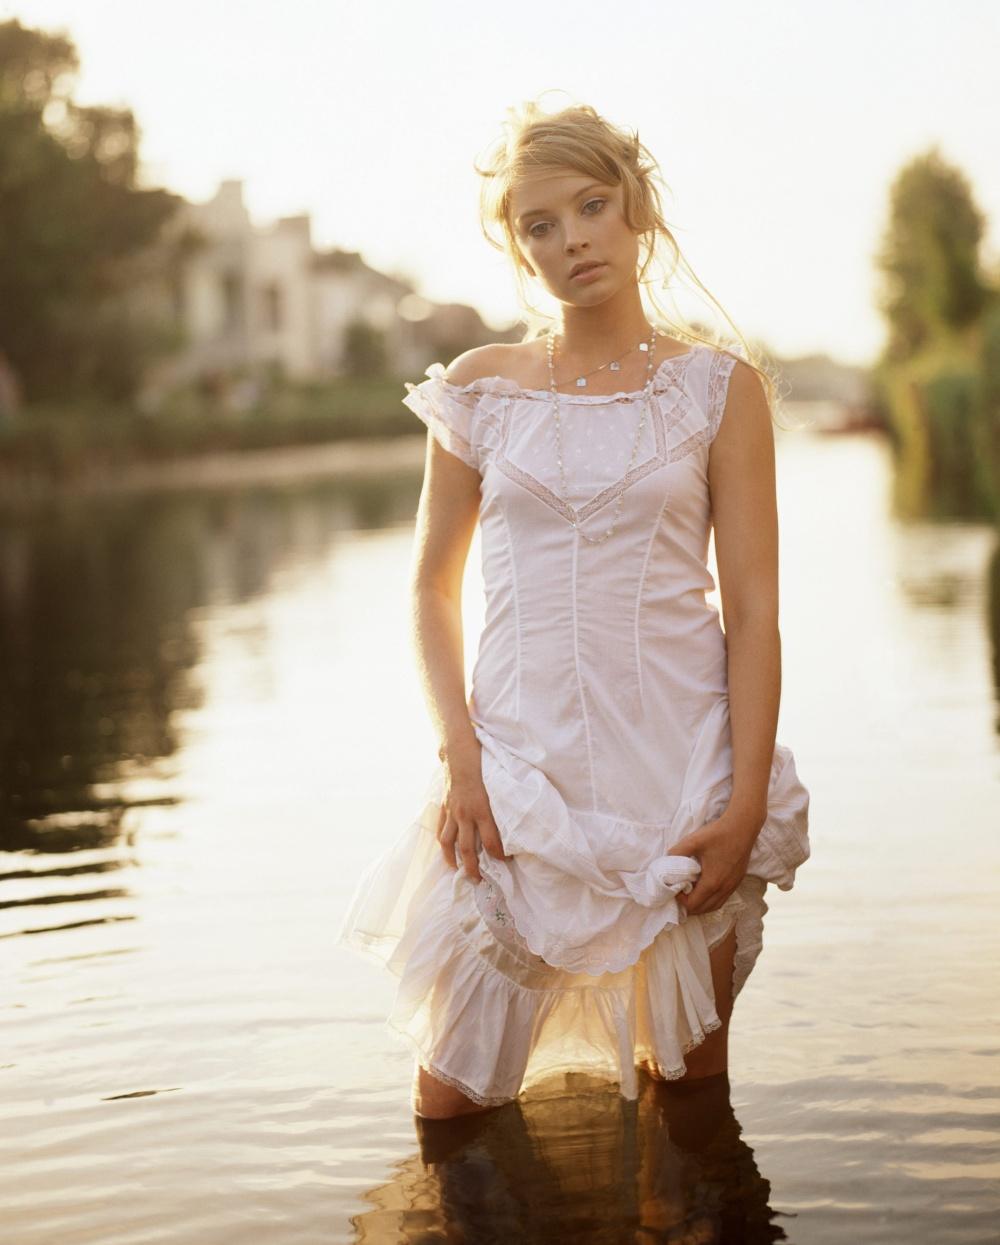 Самая красивая девушка без одежды 17 фотография